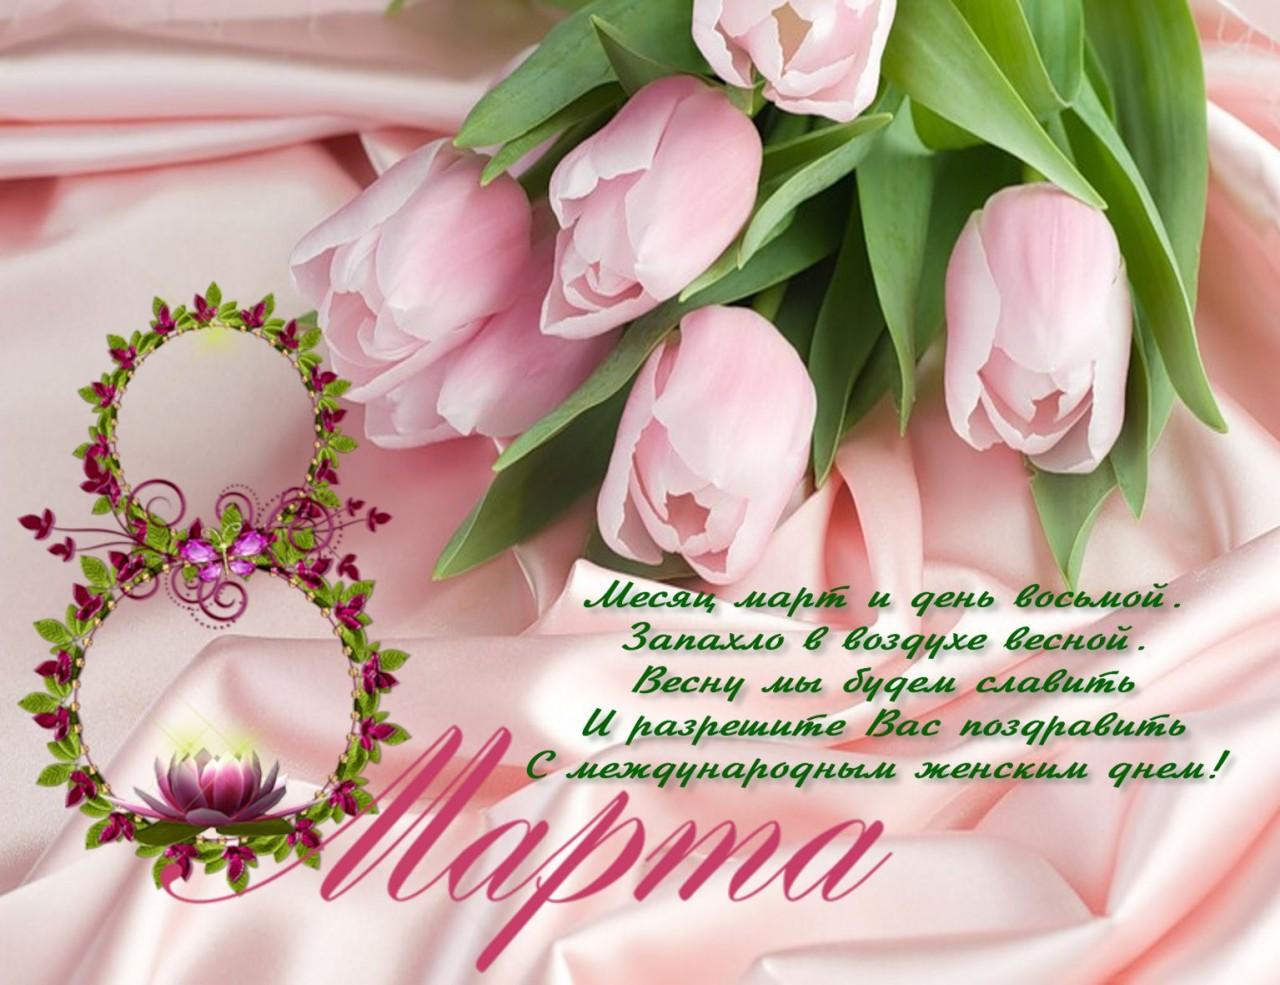 Спокойной ночи, поздравление в стихах к 8 марта и картинках